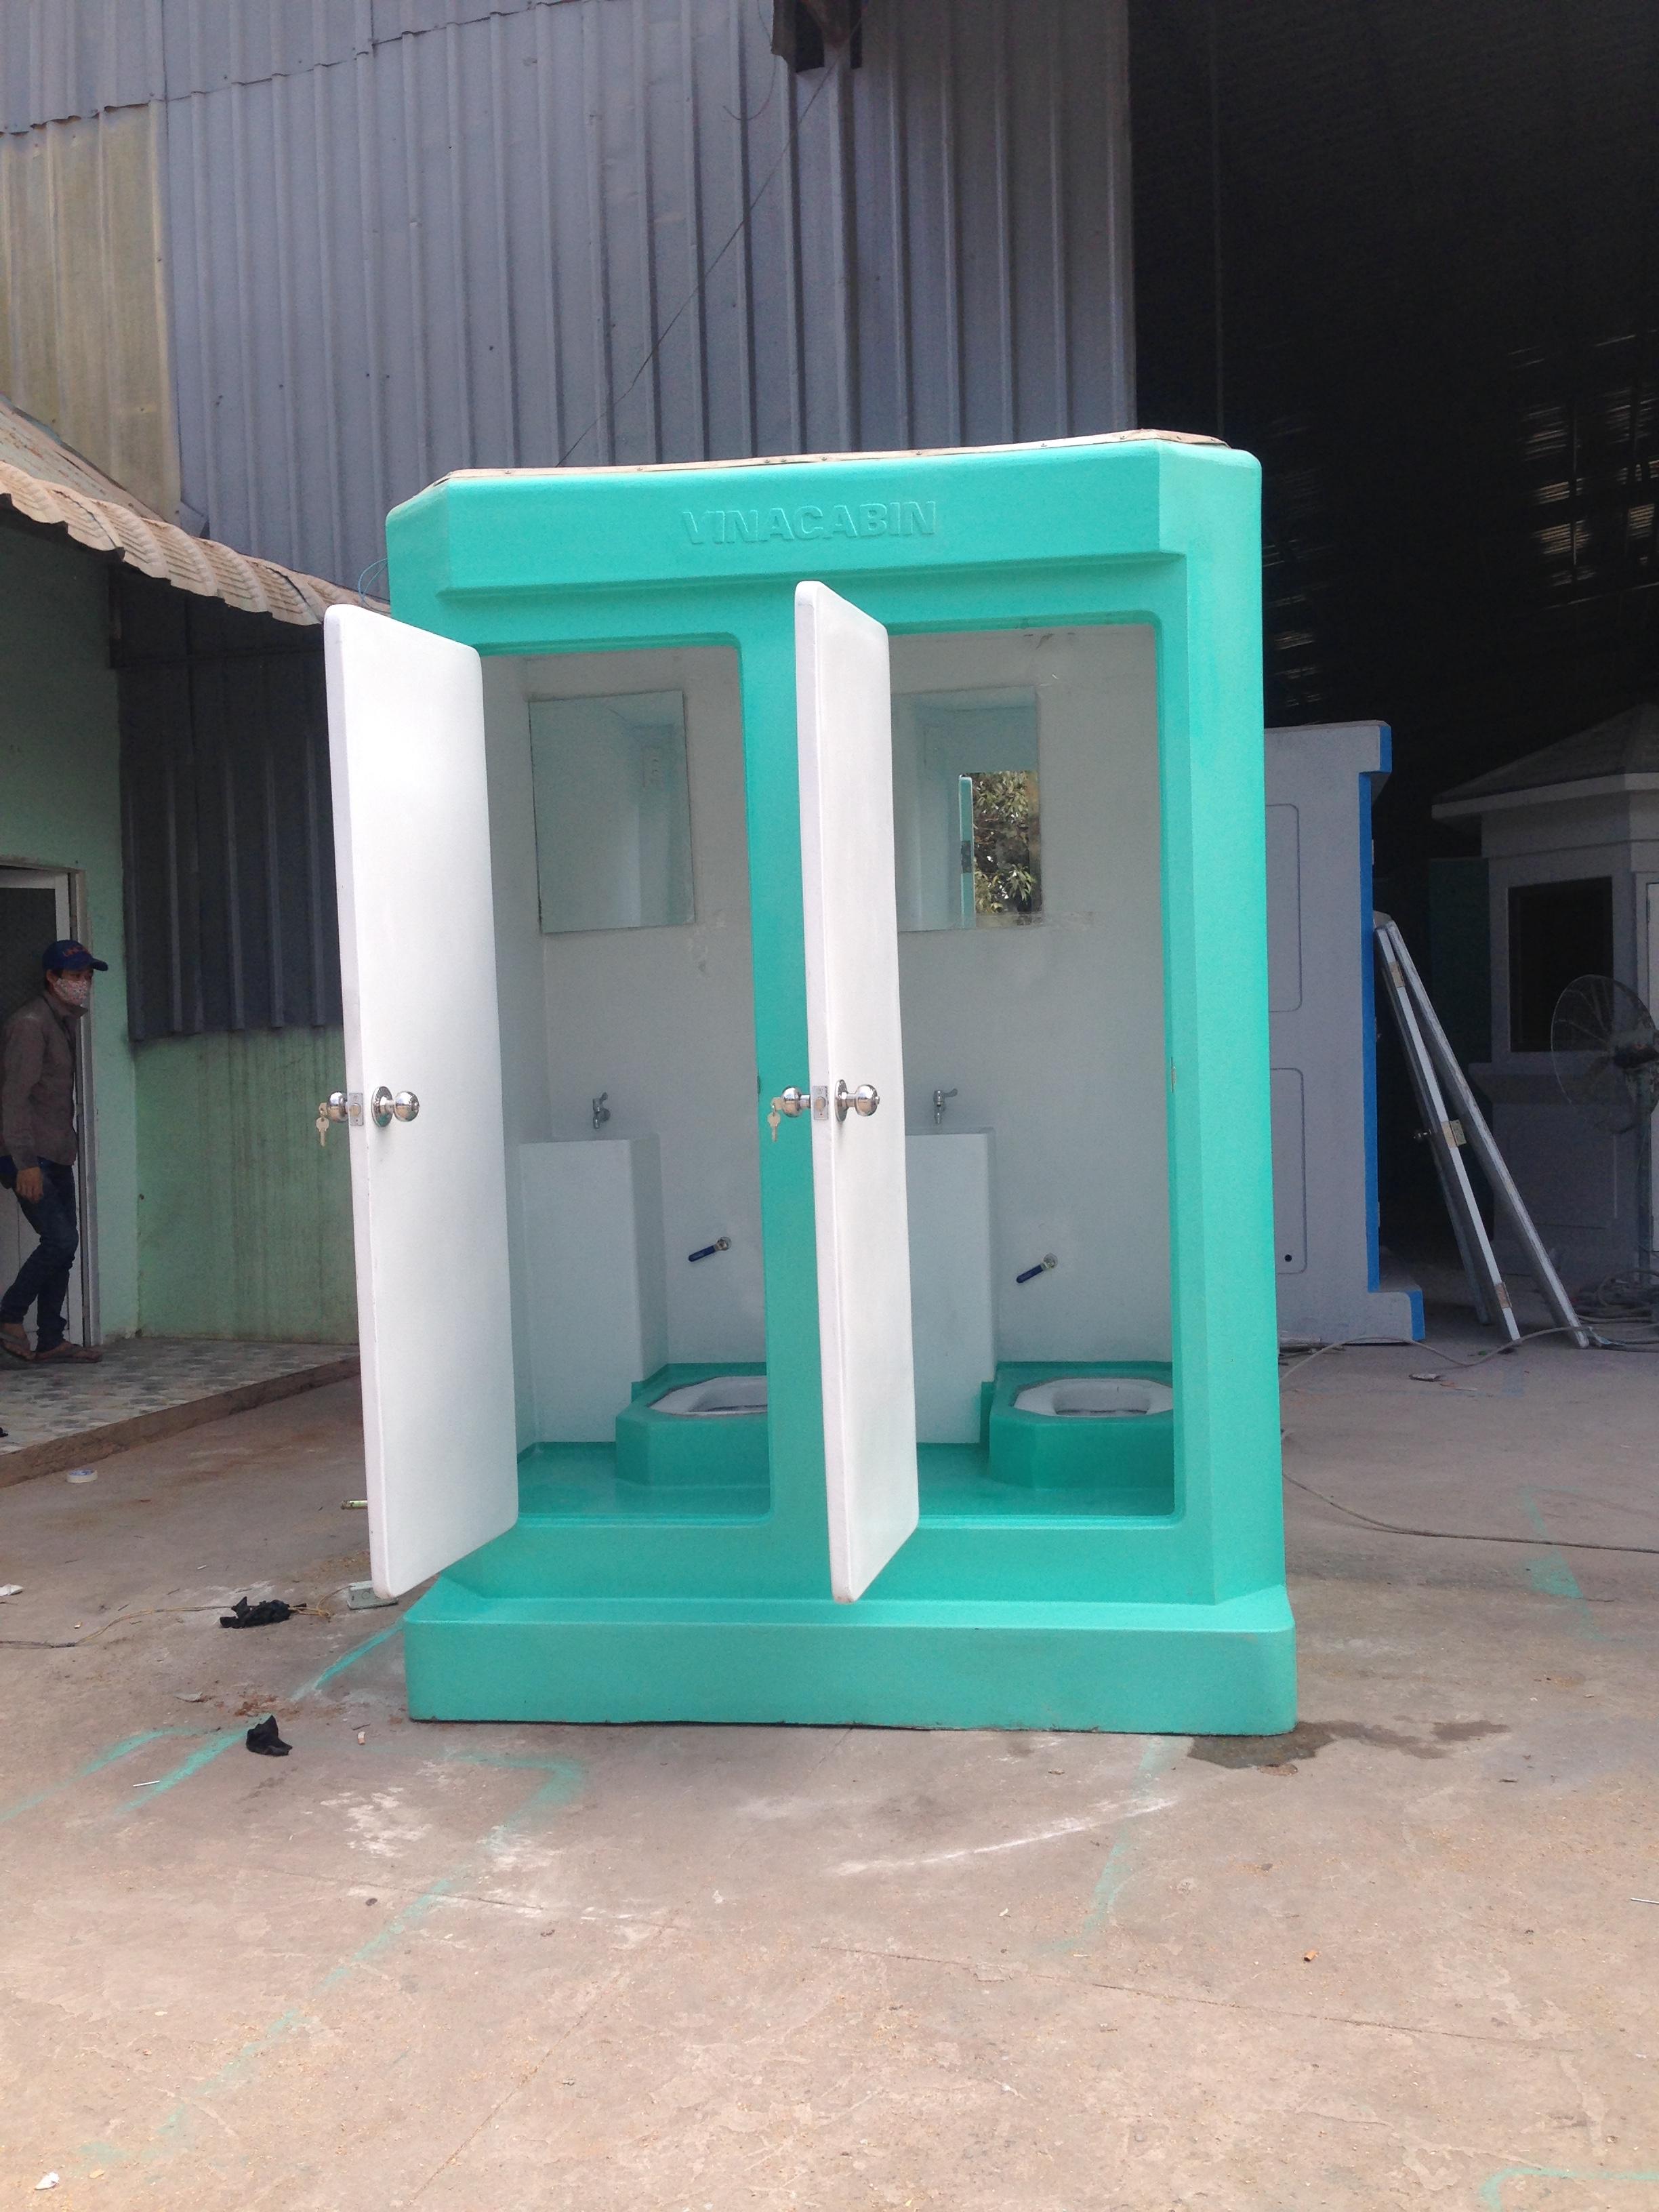 Nhà vệ sinh di động đôi được trang bị nội thất cơ bản